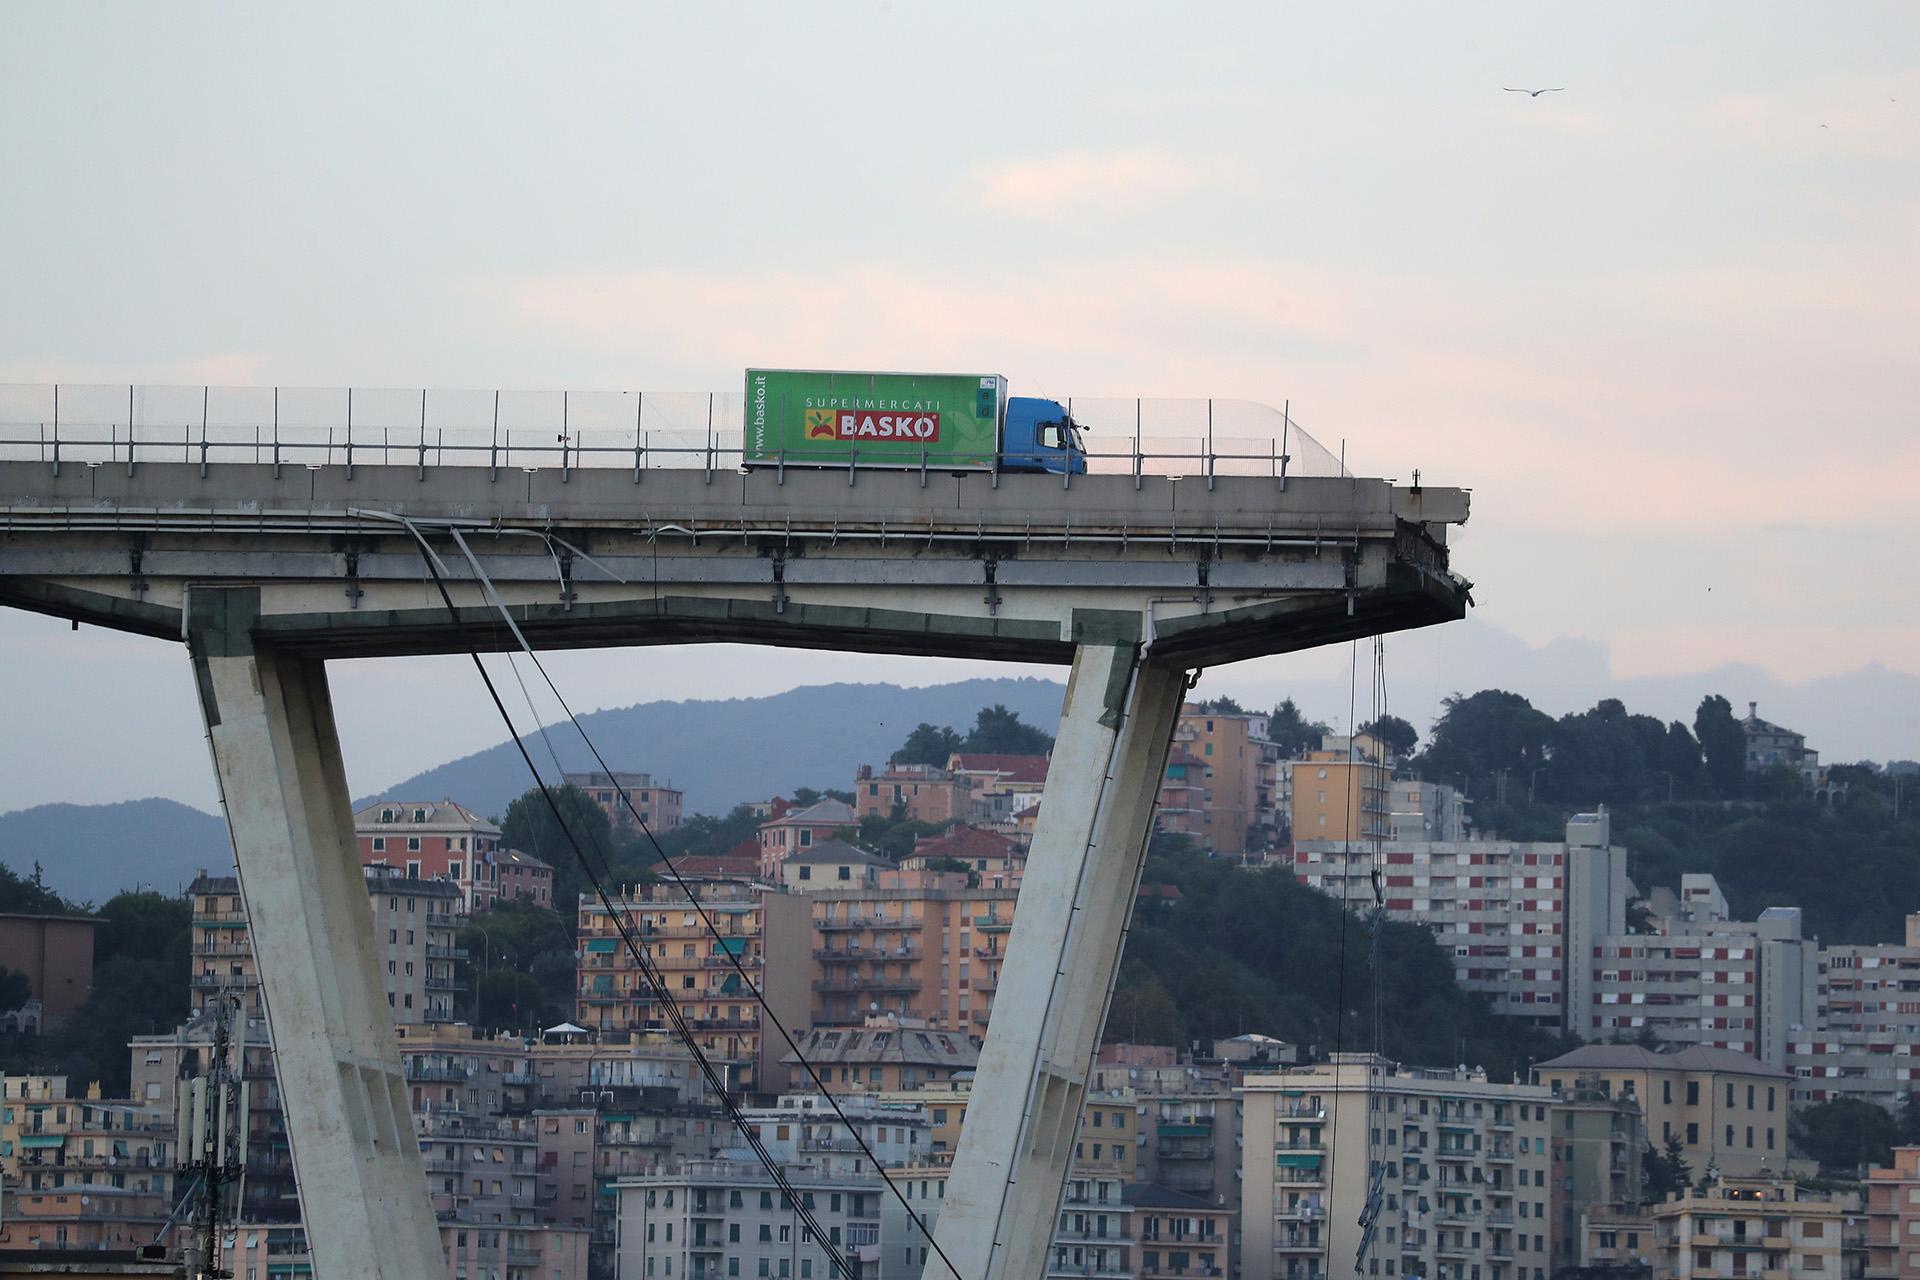 Un camión se detiene en el borde del colapsado puente Morandi, en la ciudad italiana de Genoa, el 14 de agosto. Al menos 30 personas murieron en el accidente (Valery HACHE / AFP)